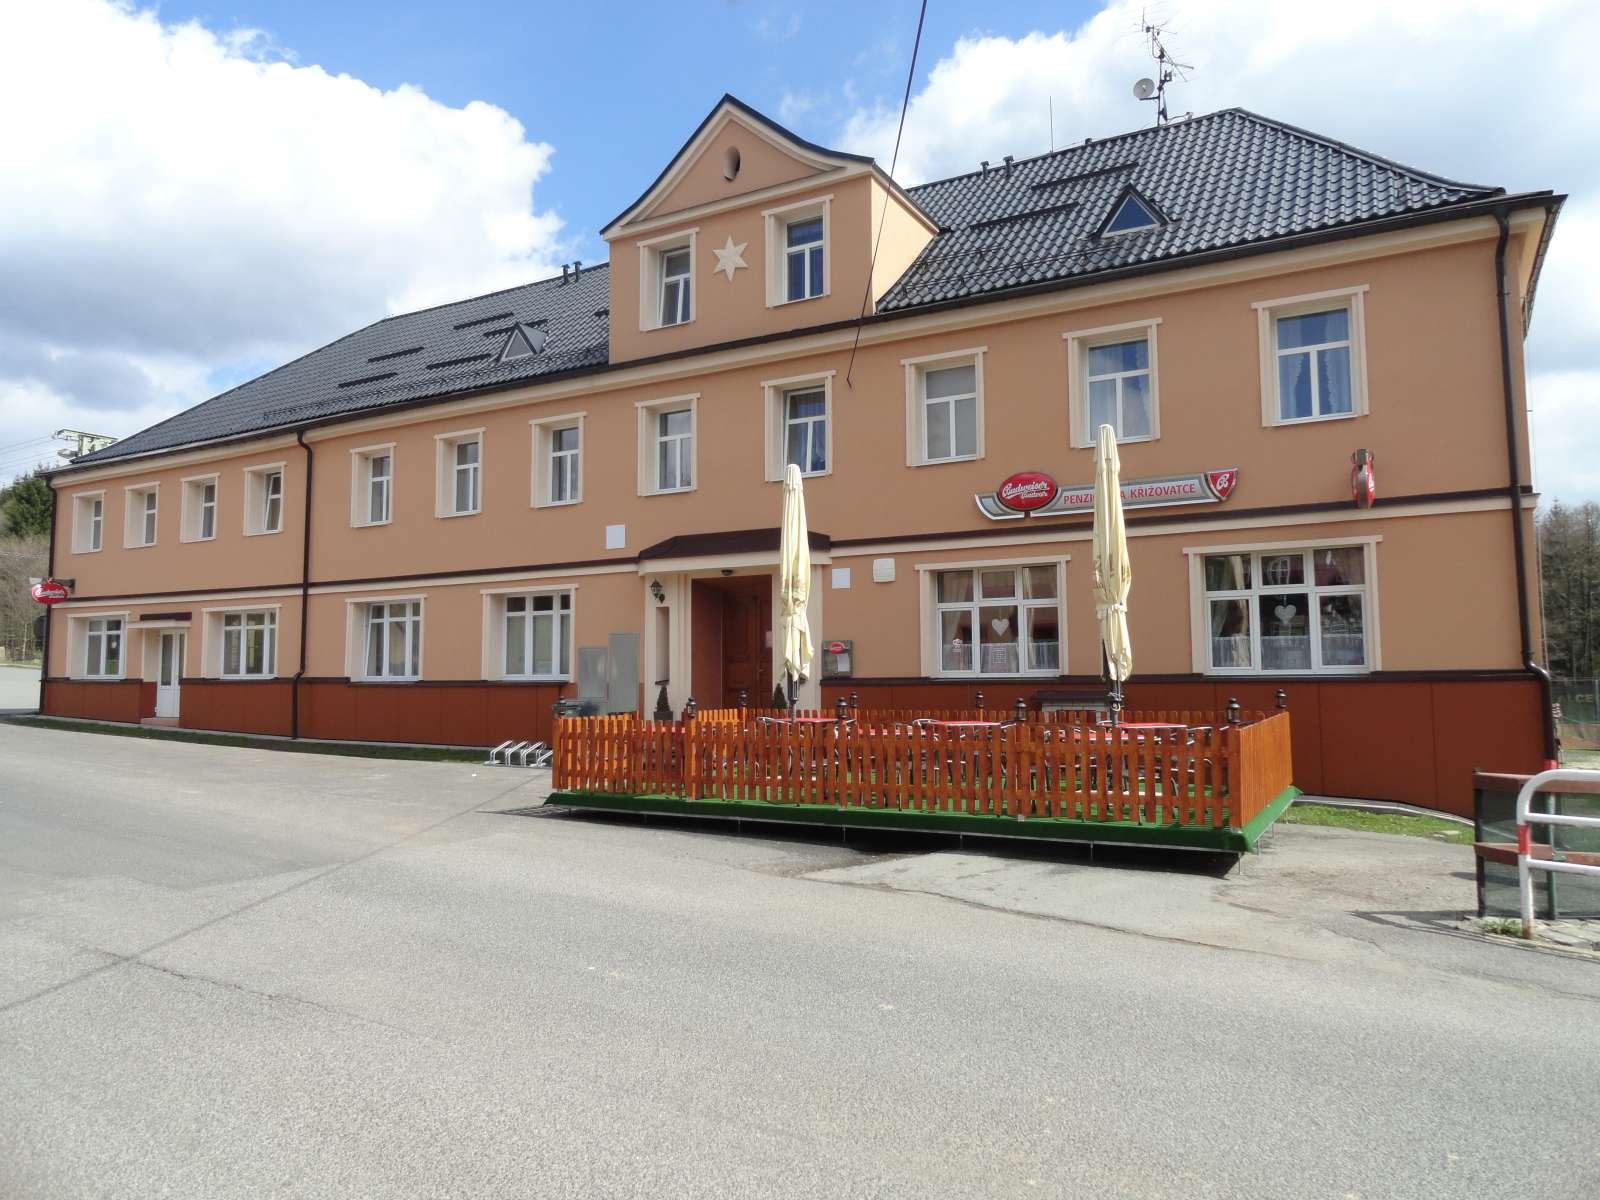 Restaurace a penzion na Křižovatce, obec Polevsko